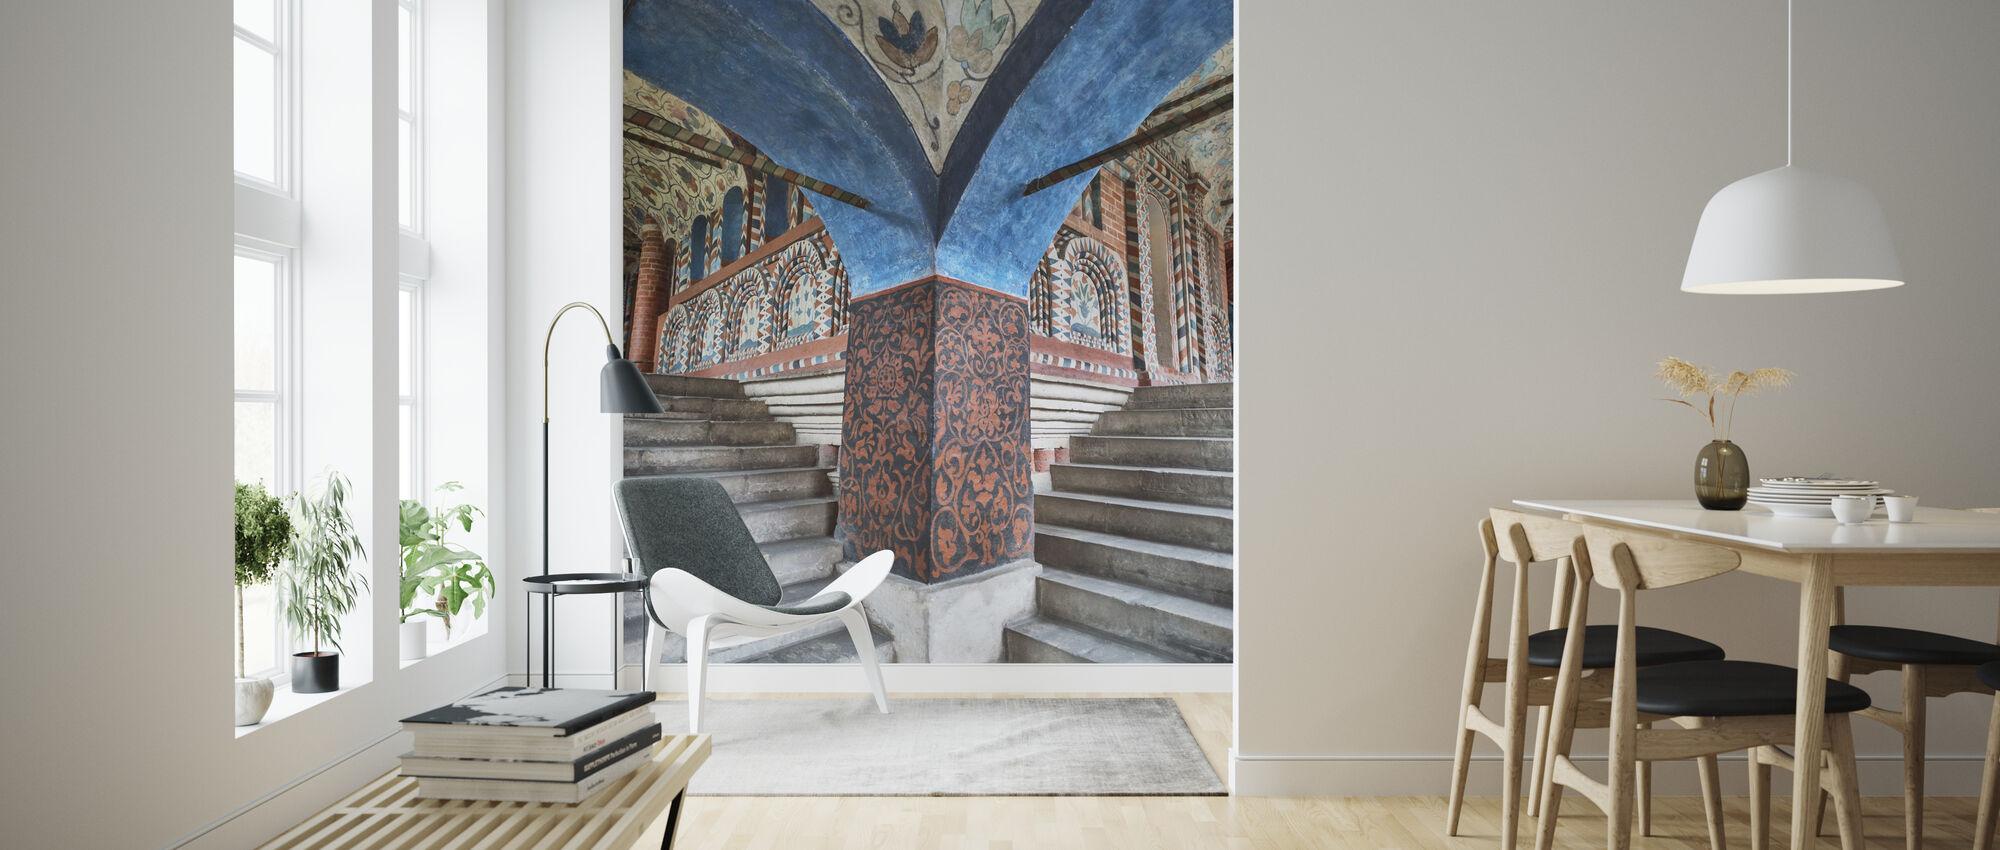 Schritte in die Basilius-Kathedrale - Tapete - Wohnzimmer